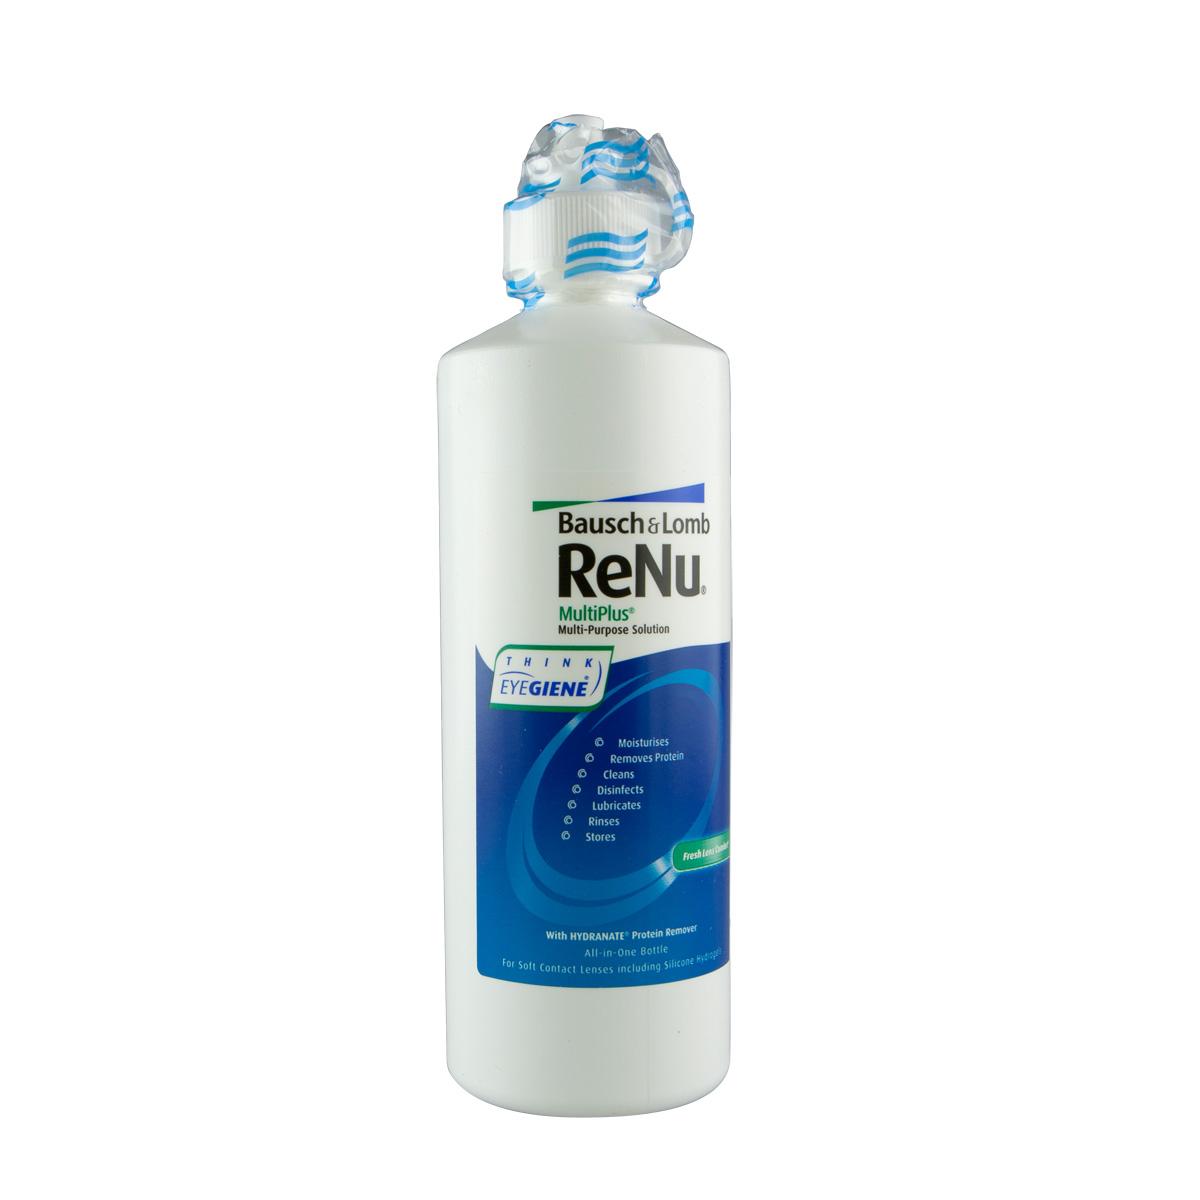 Contact lenses ReNu Multi Plus (240ml)